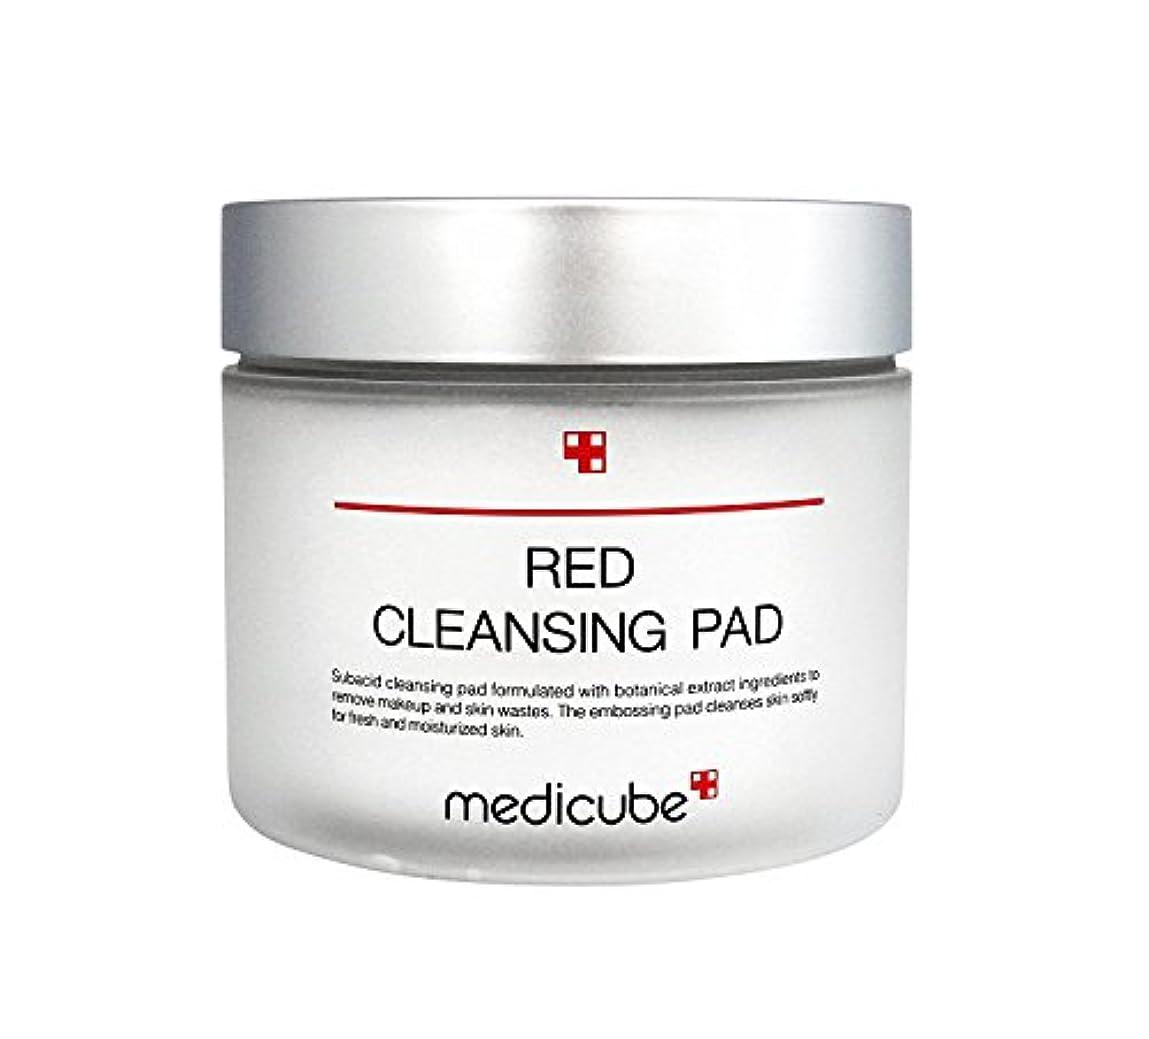 集団的ムス異議RED CLEANSING PAD